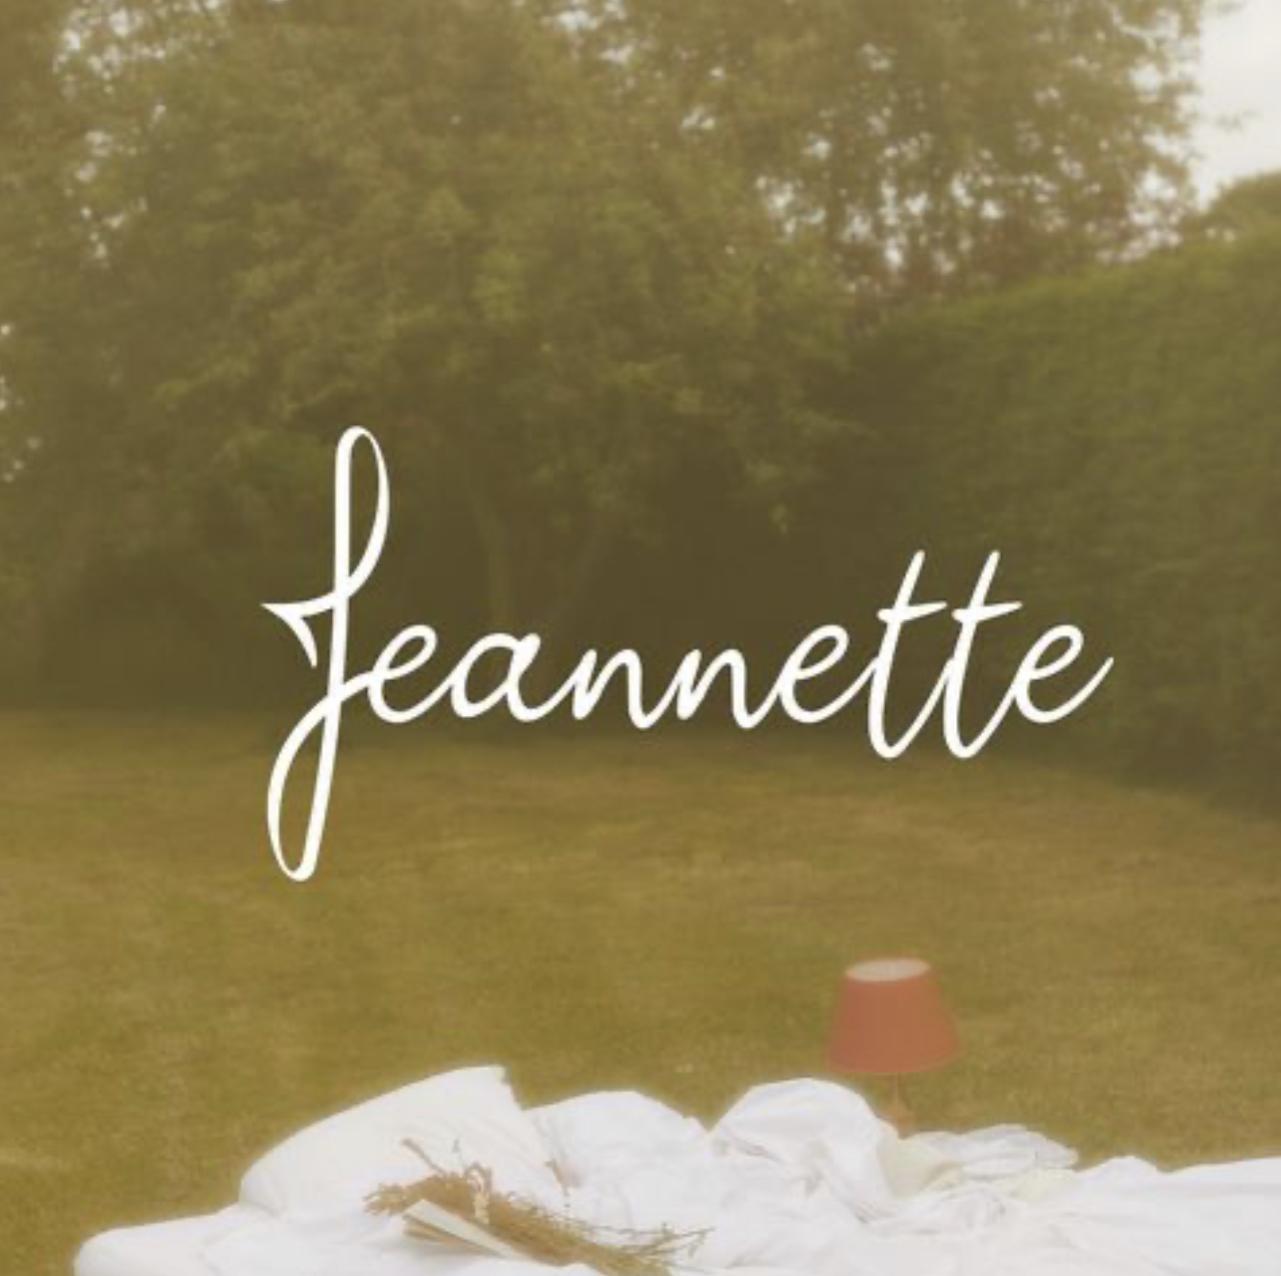 Journée shopping de seconde main : / Introducing : Jeannette shop